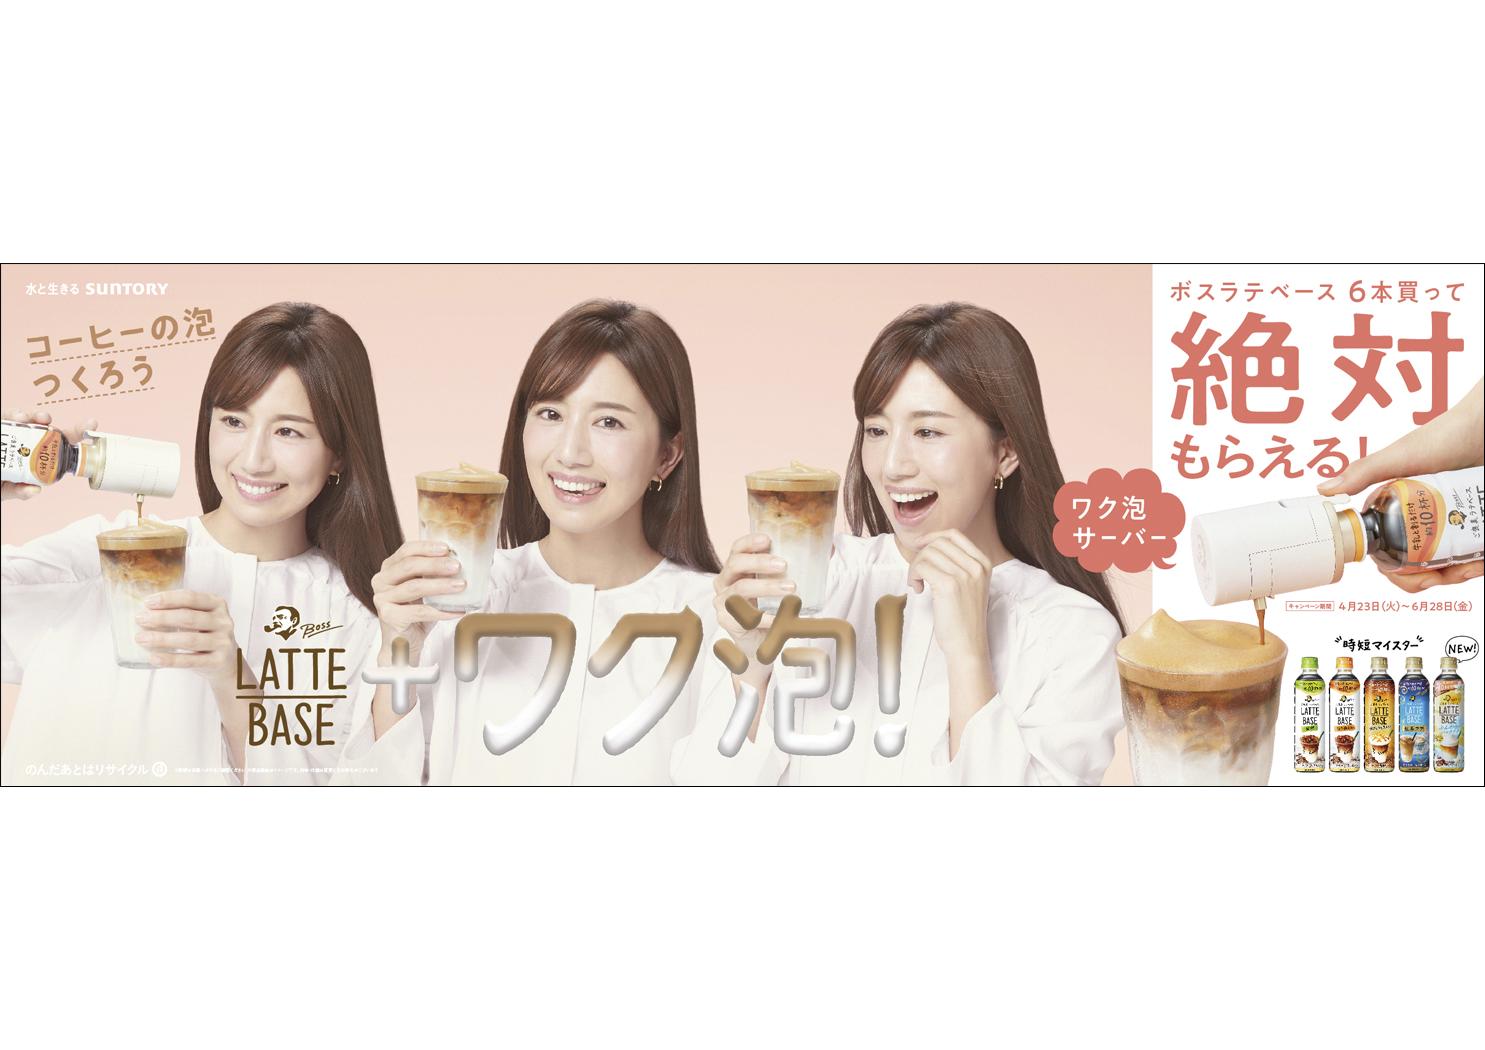 Suntory boss LatteBase wakuawa B2halfposter